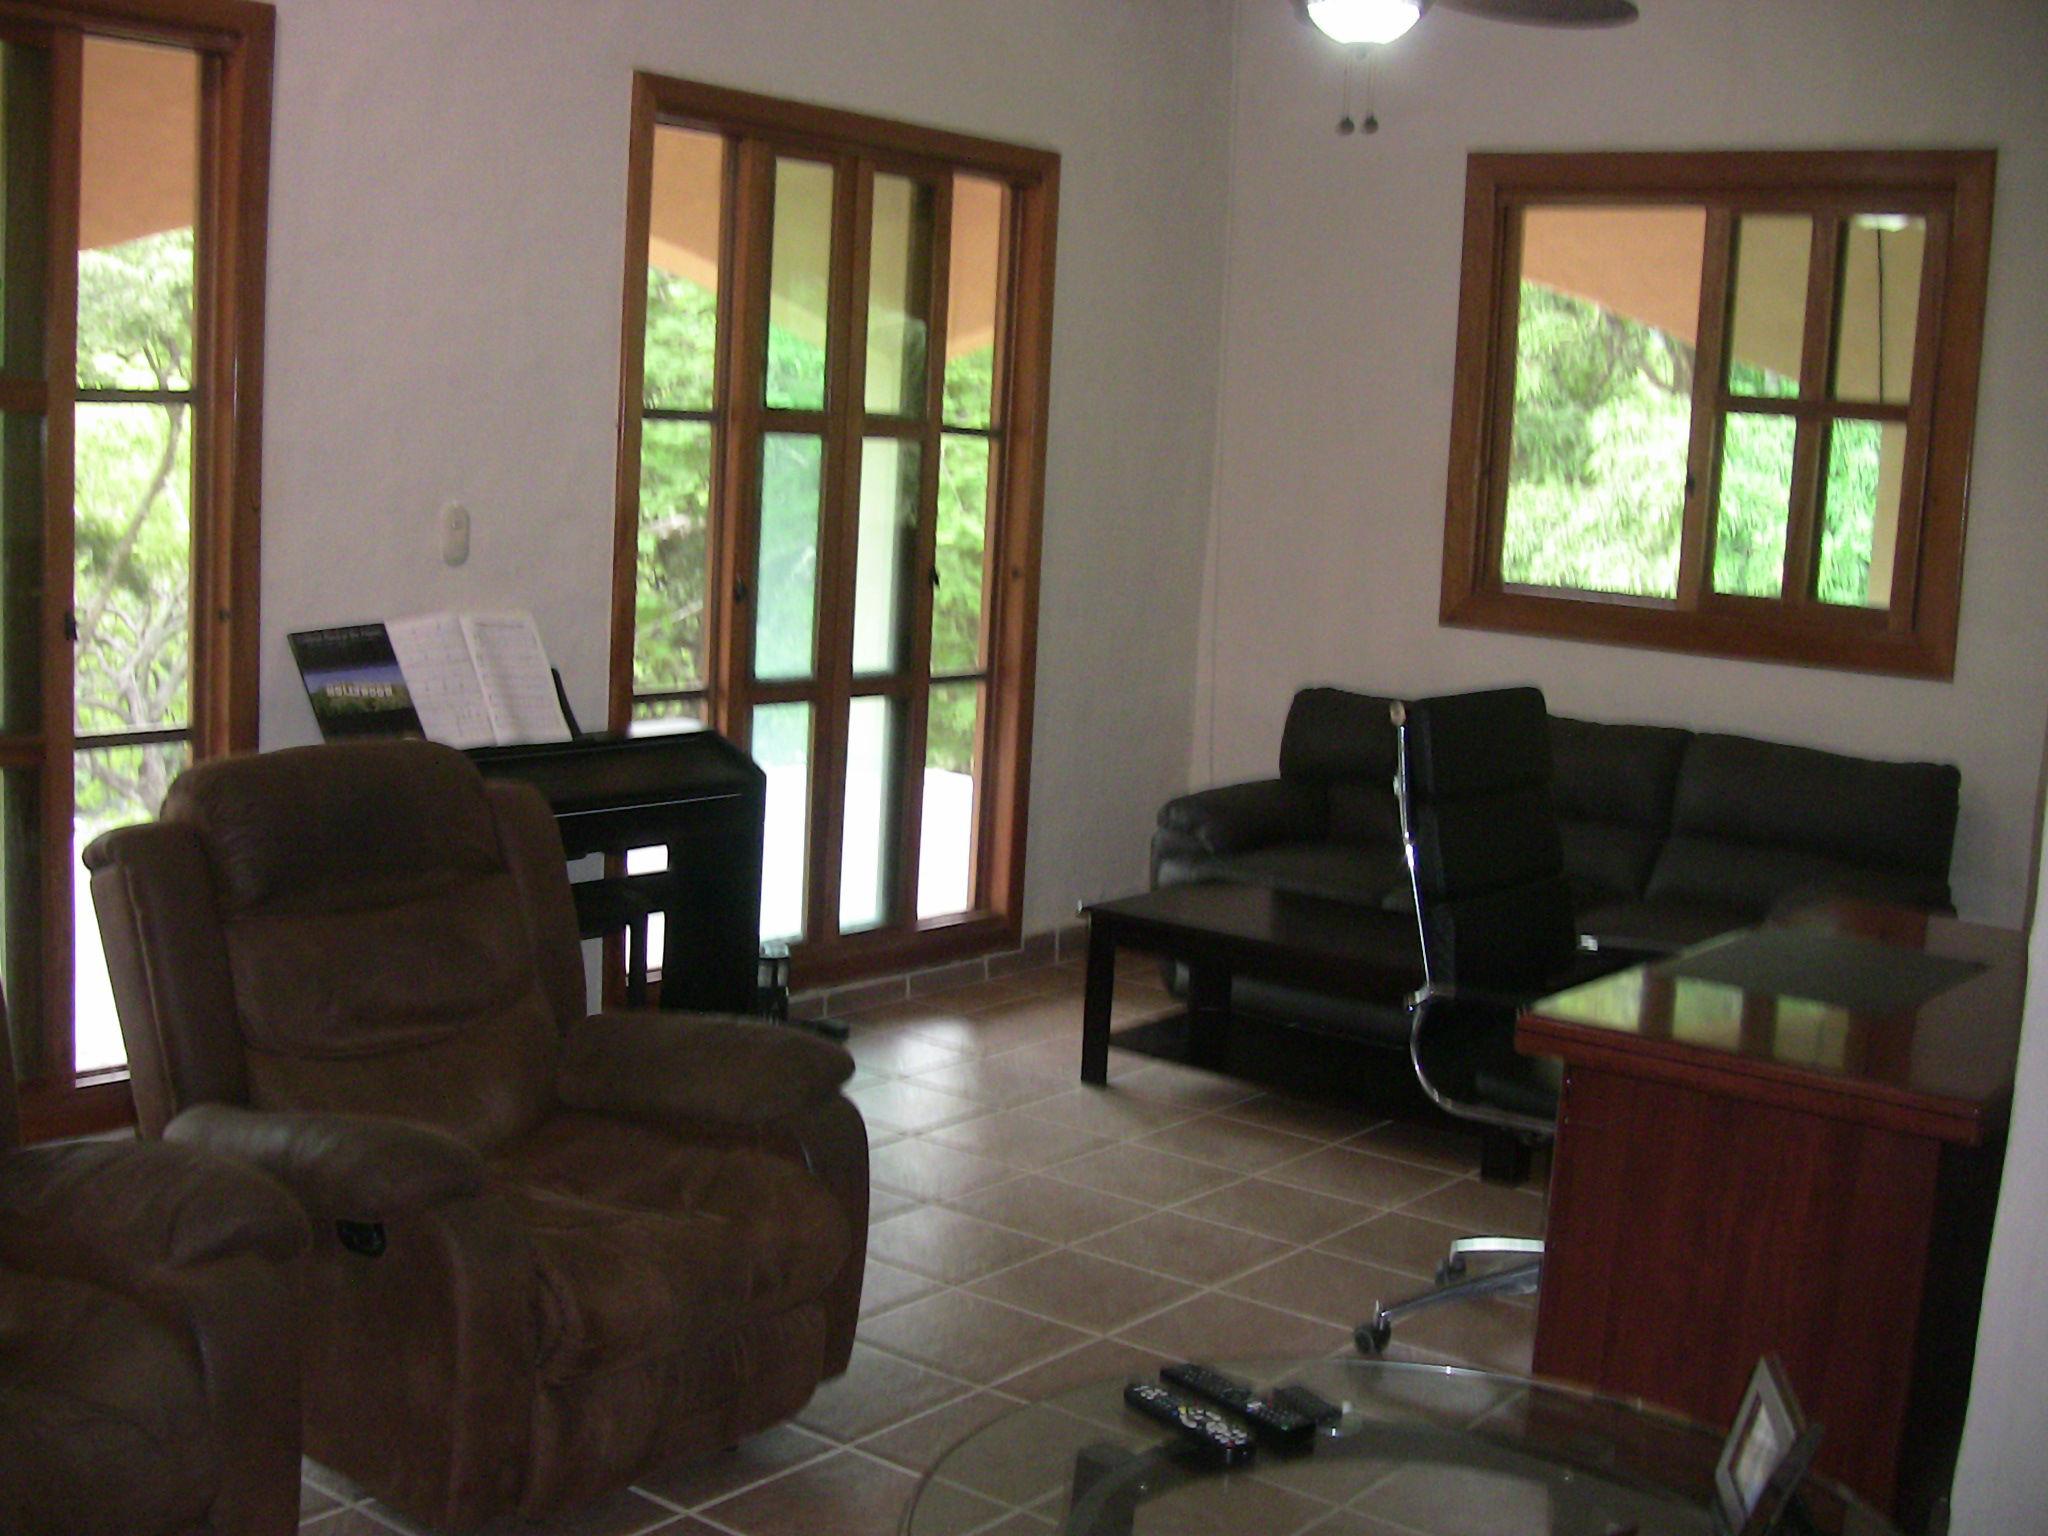 Santa-Fe-Panama-property-veraguasrealty215646005-8.jpg